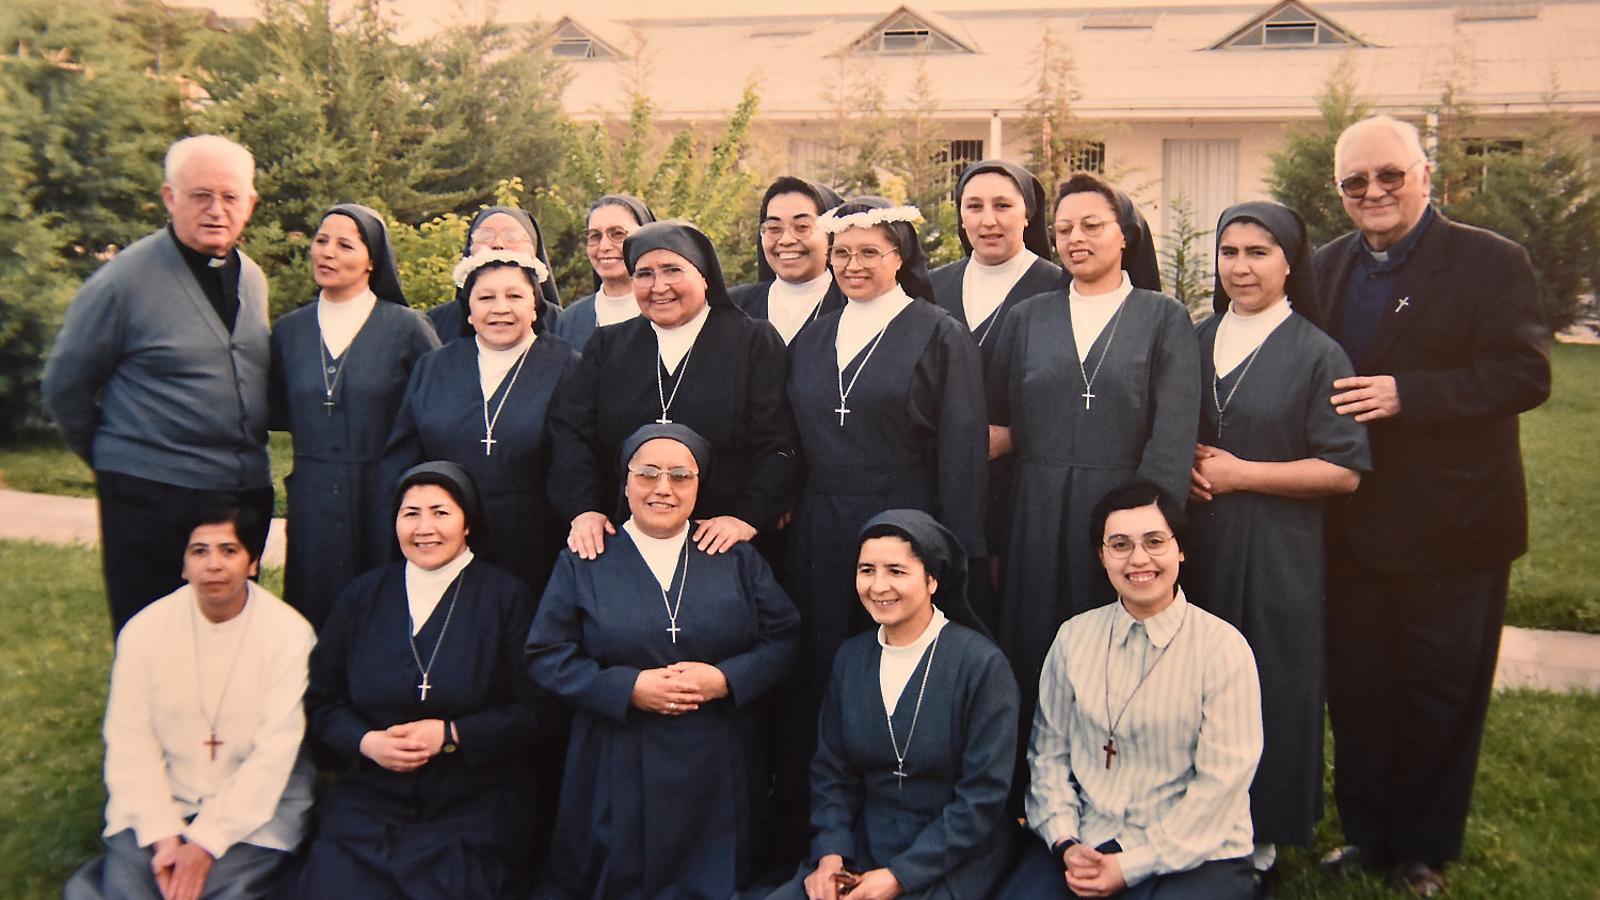 El capellà Eulogio Tejerina, acusat de cometre abusos sexuals a Nerja i Loja, amb monges de les Germanes del Bon Samarità.